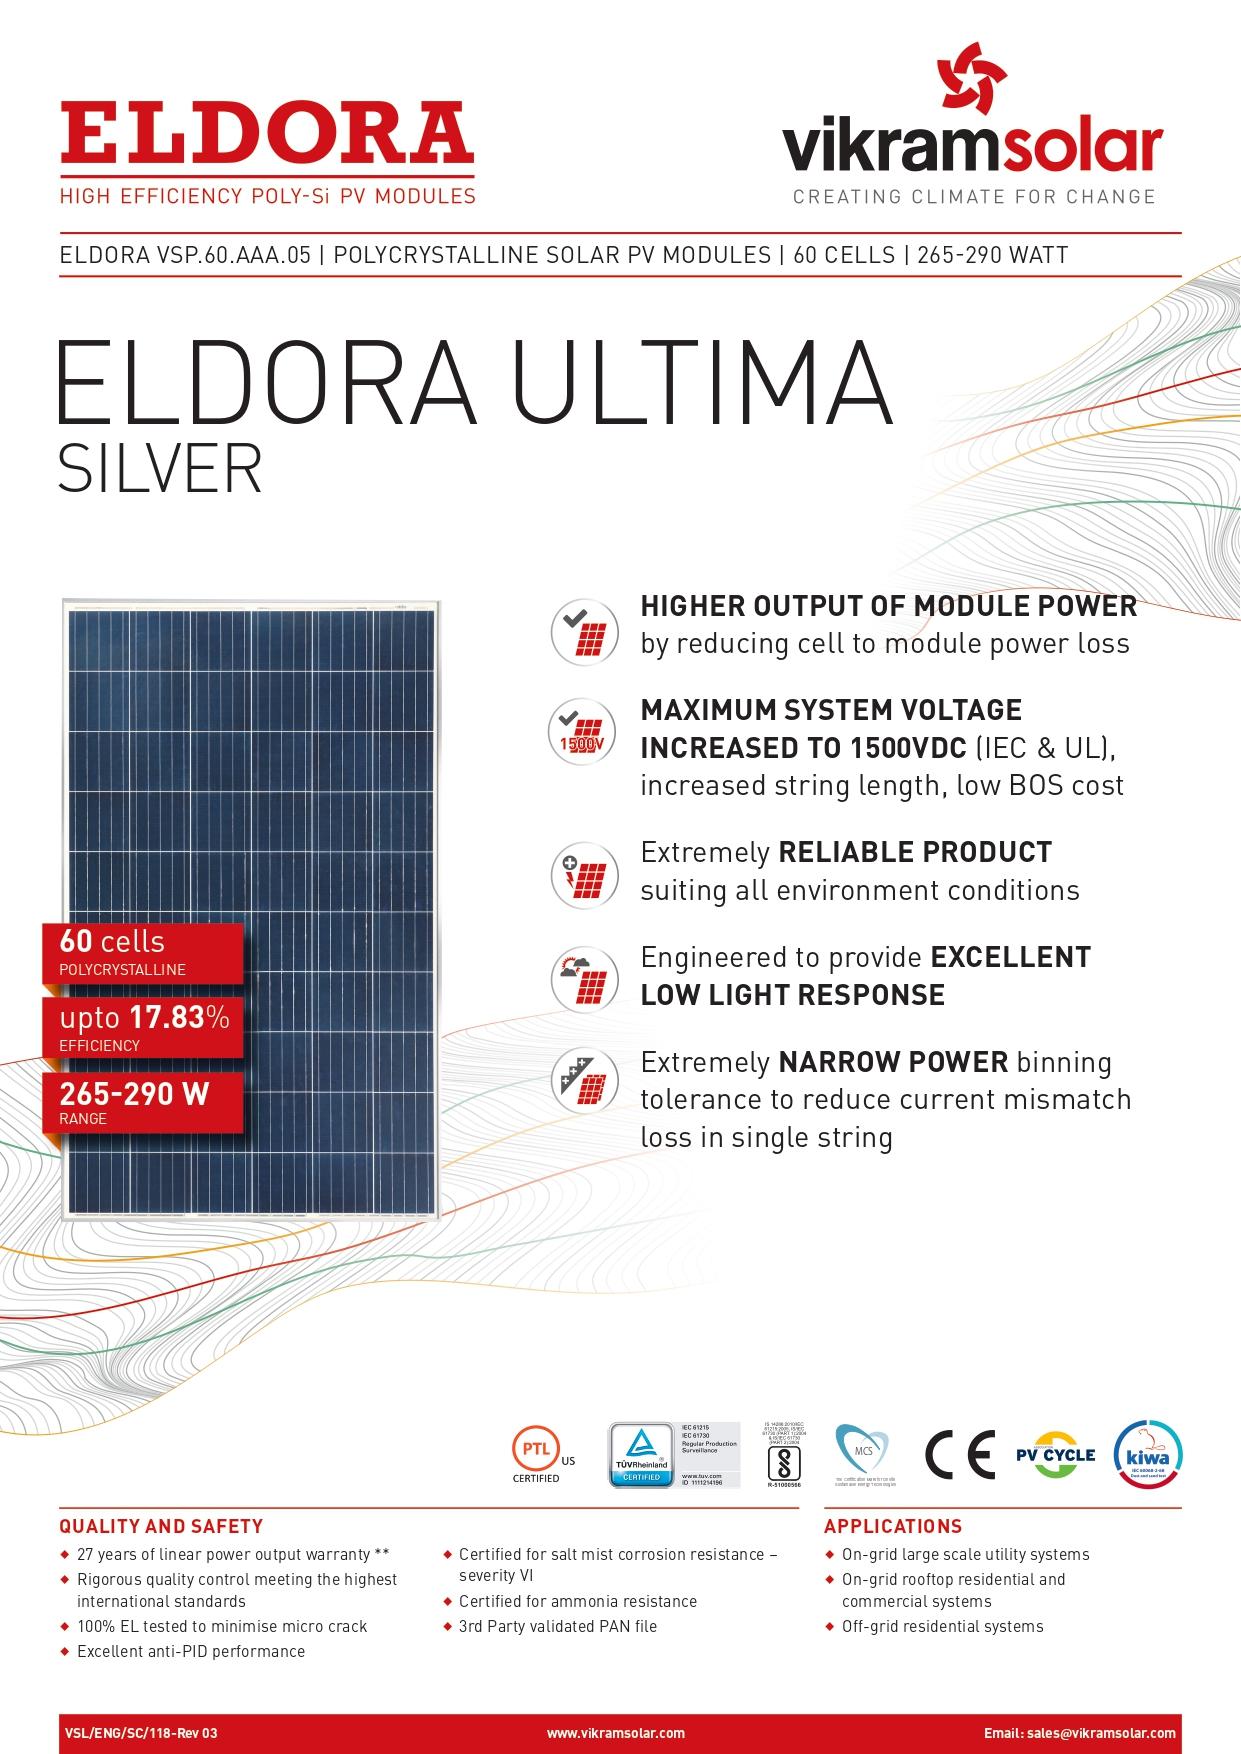 Eldora-Ultima-Silver_page-0001